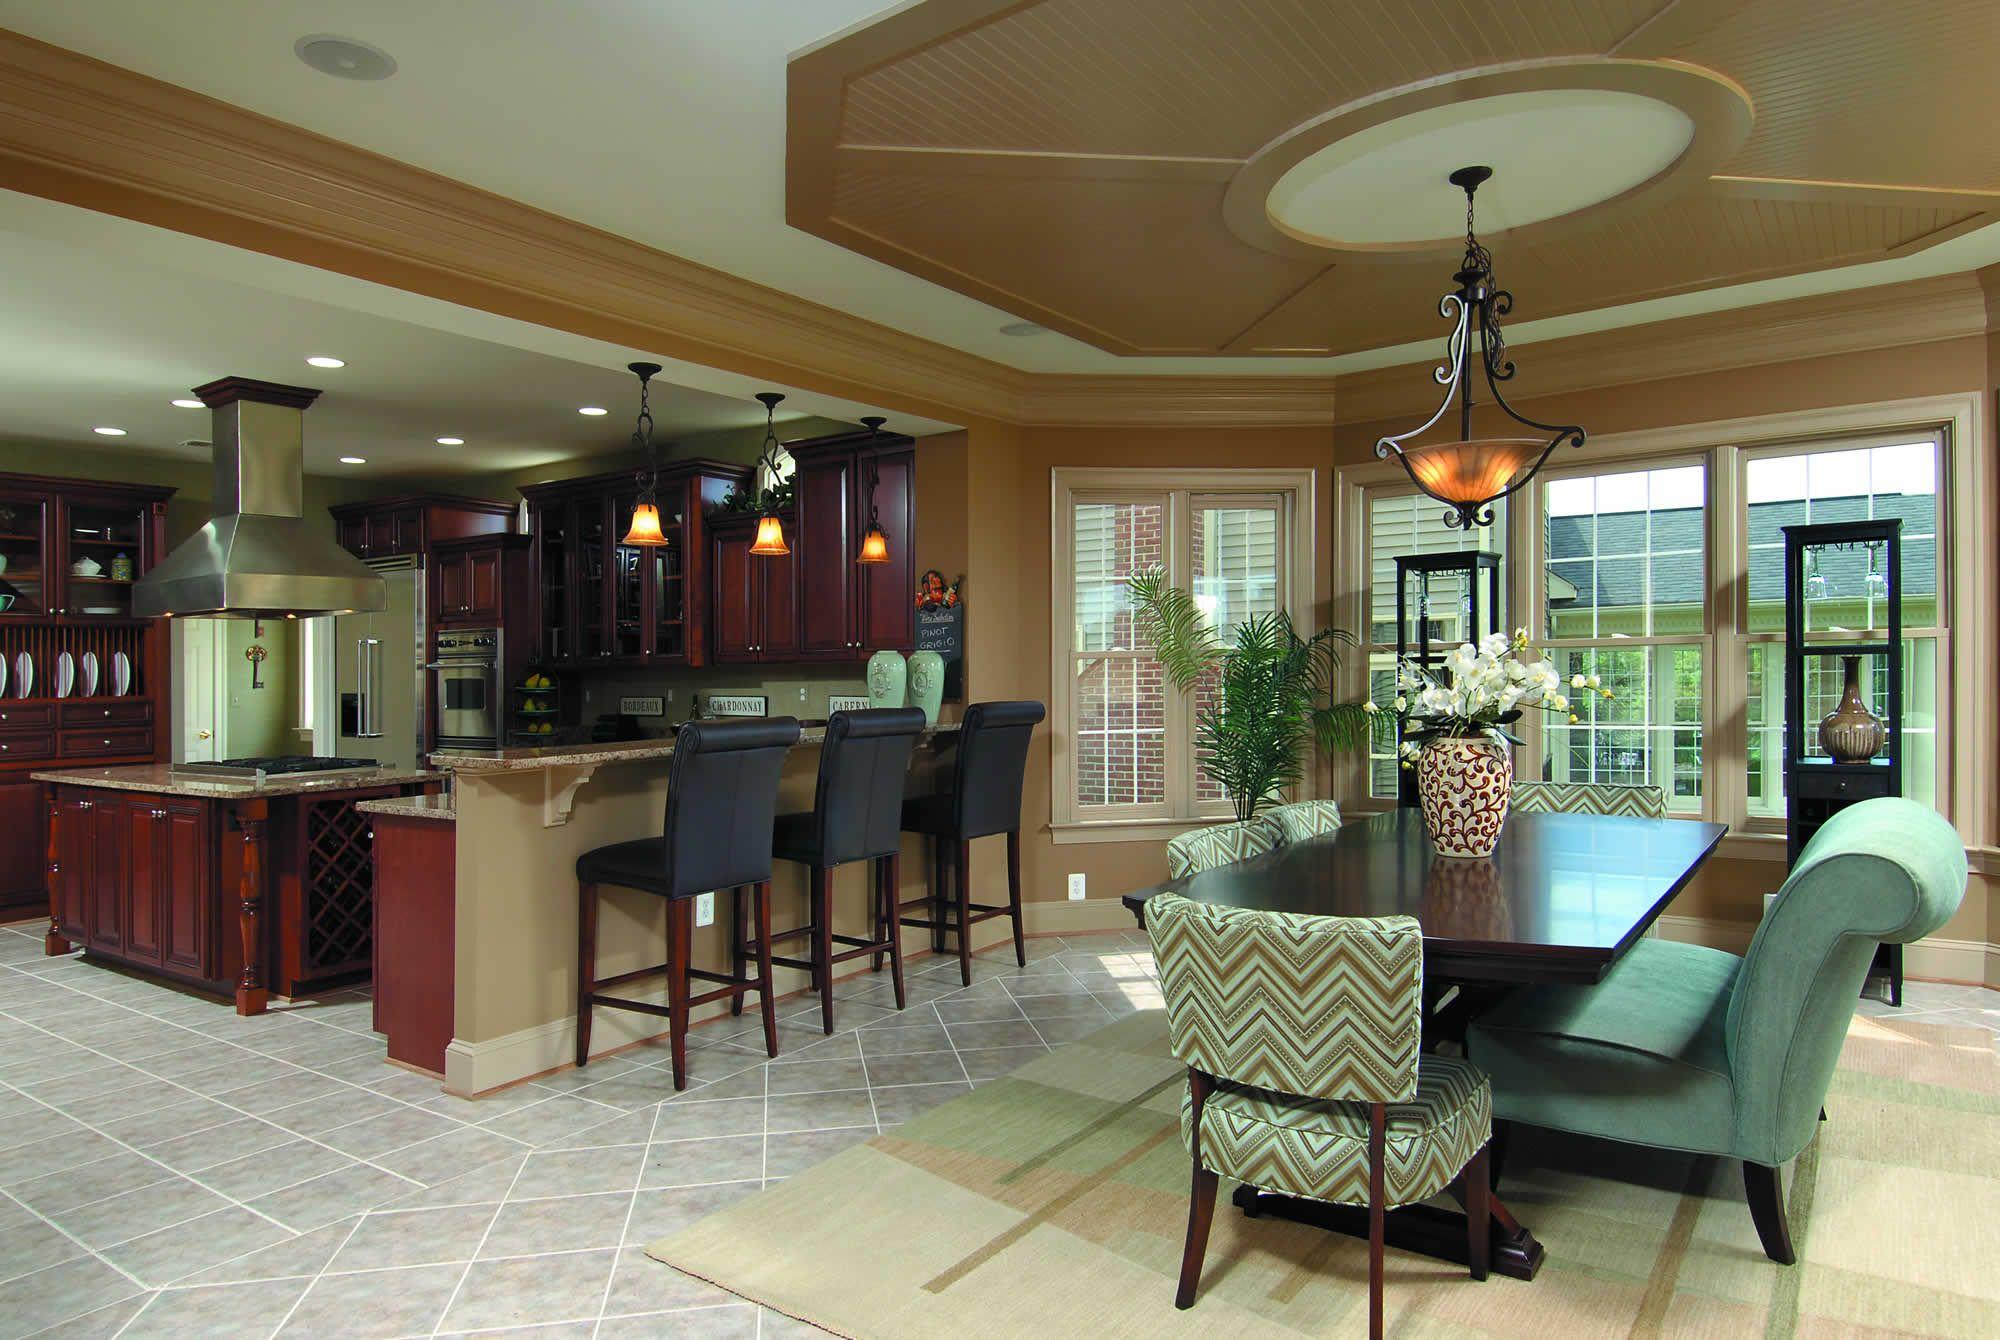 Home Designs Craftmark Homes Home Designs